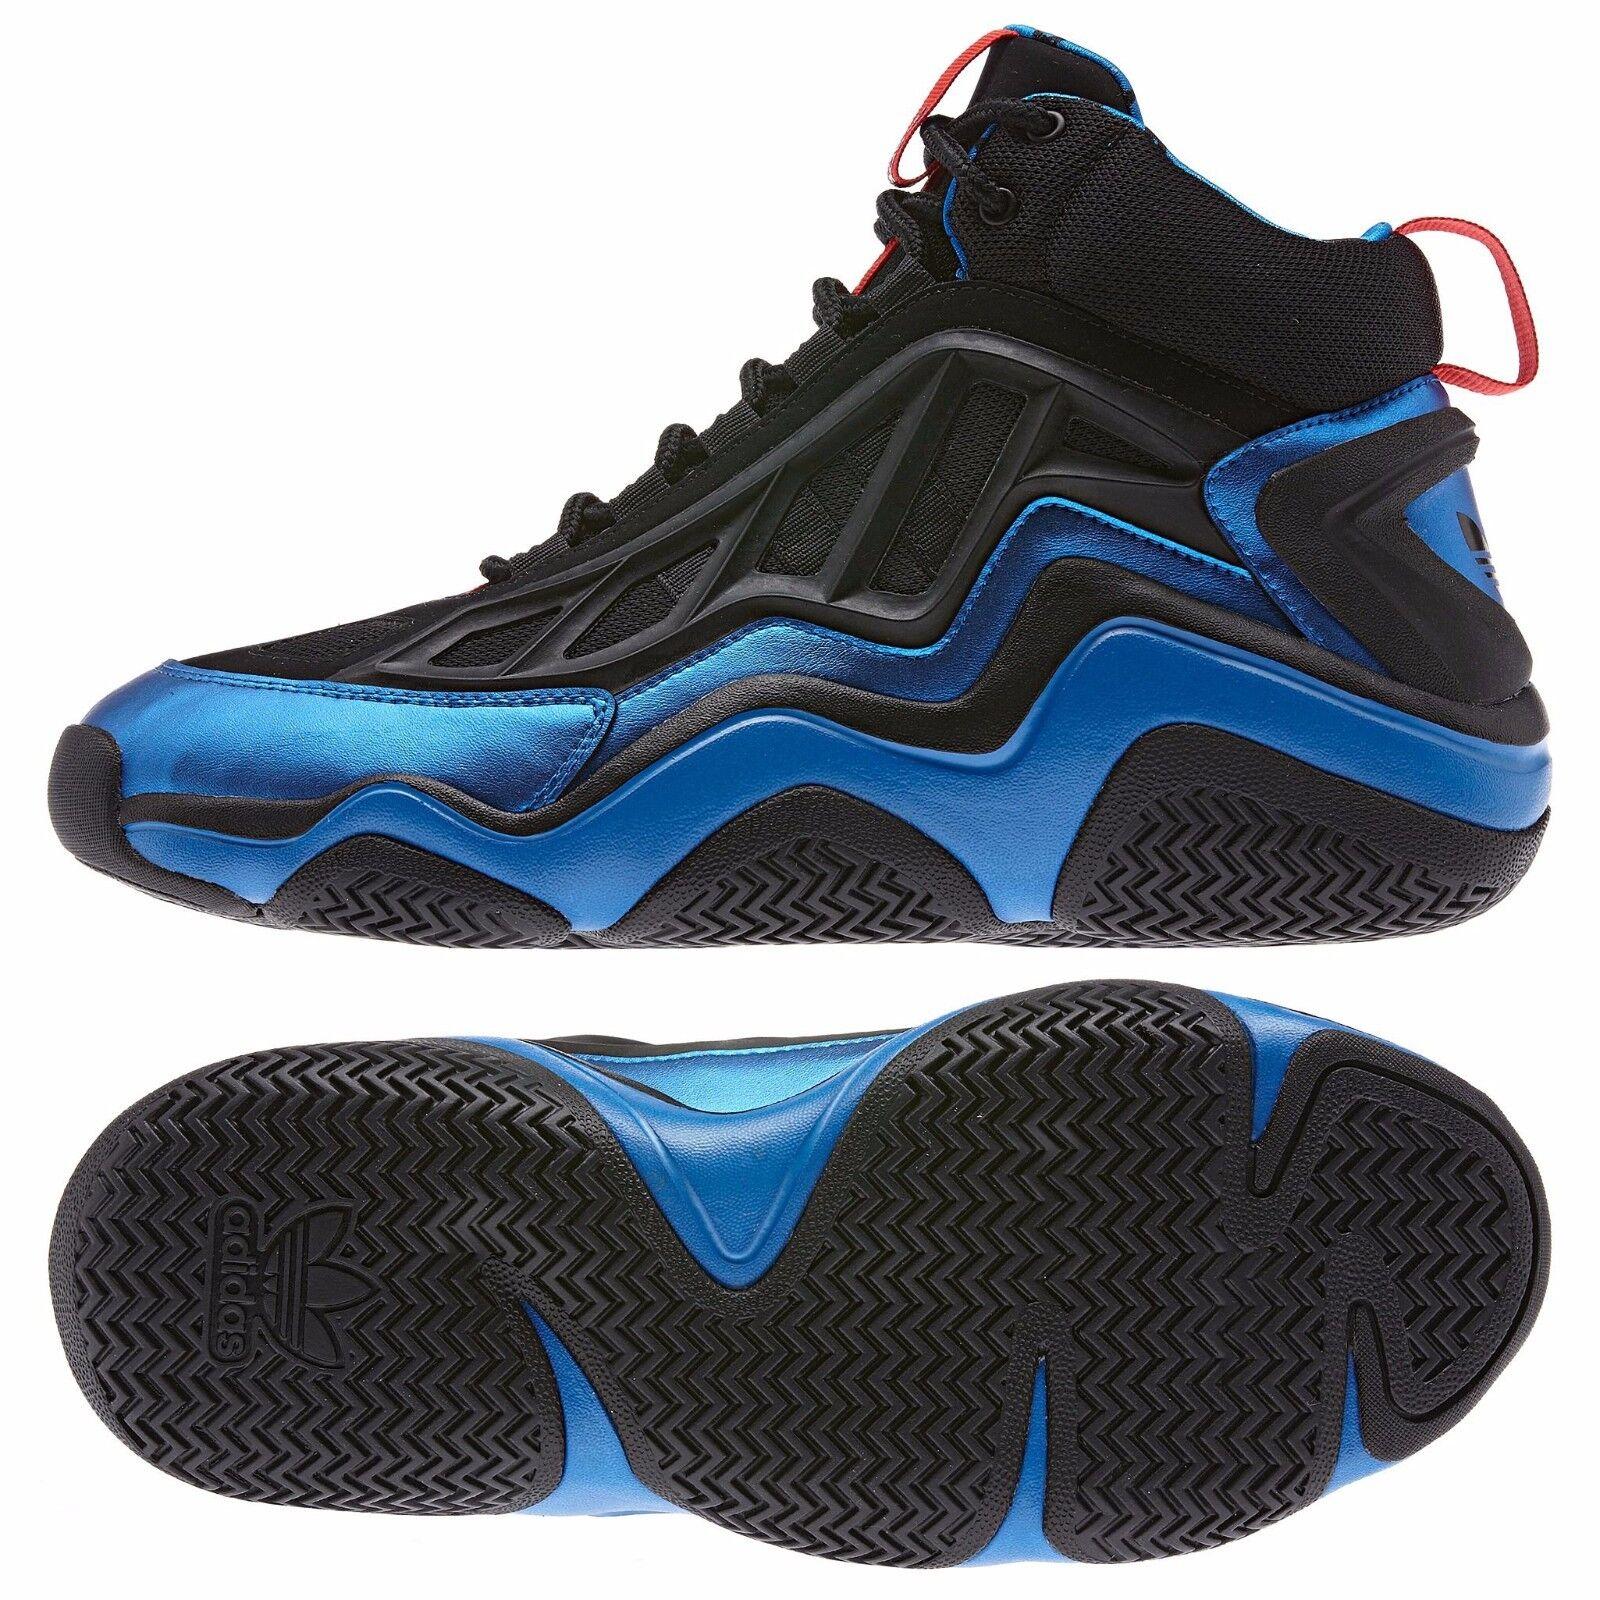 Adidas originals fyw prime schwarz füße tragen sie d65394 schwarz prime / blau männer - basketball - schuhe 988842